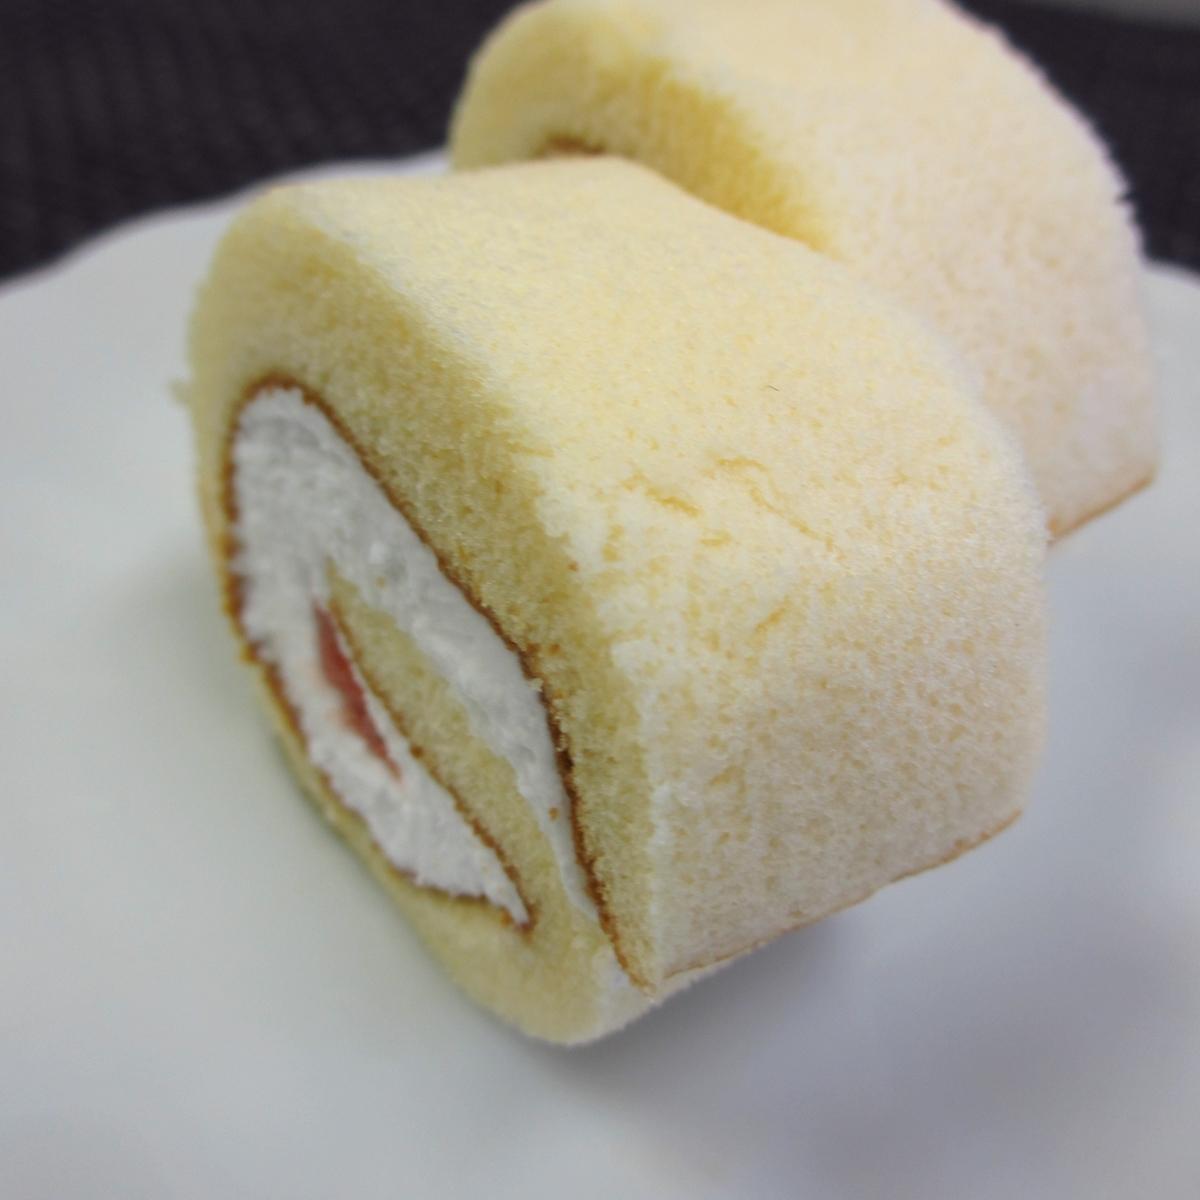 イチゴのロールケーキ20150627 (10)